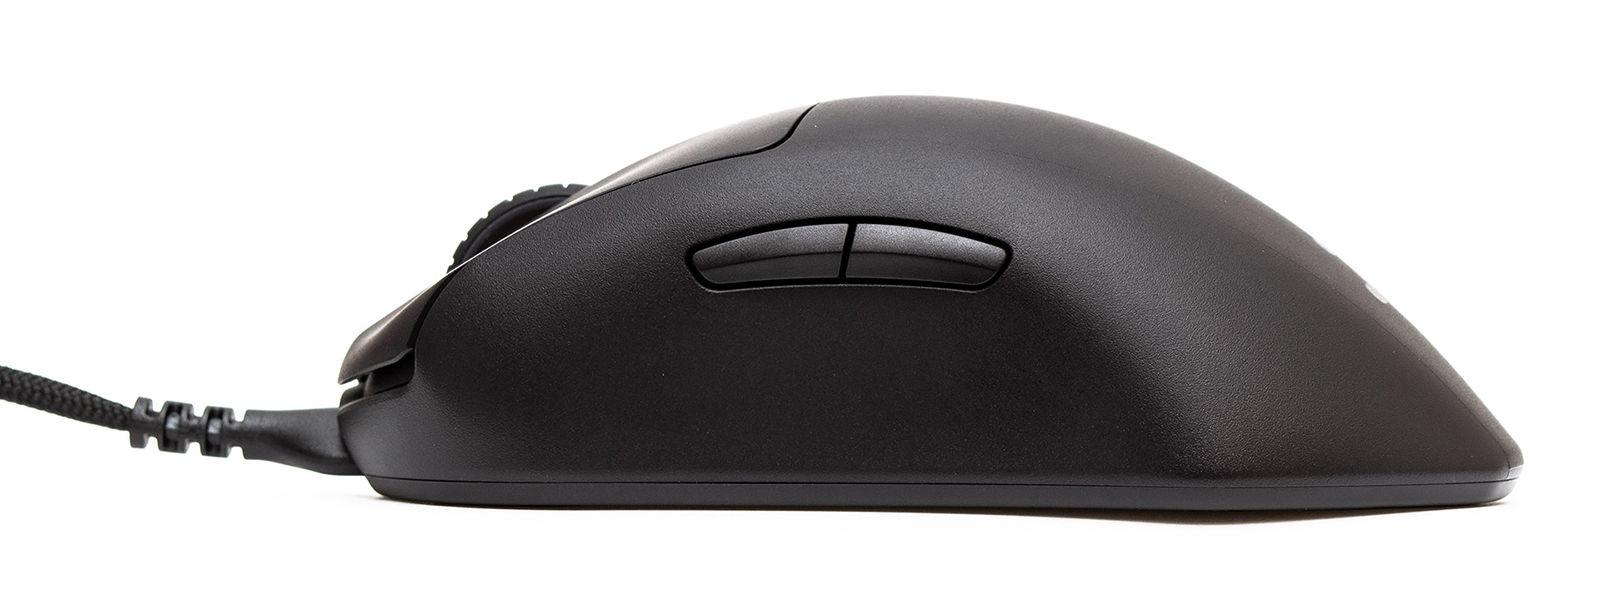 Мышь SteelSeries Prime. Фото 6